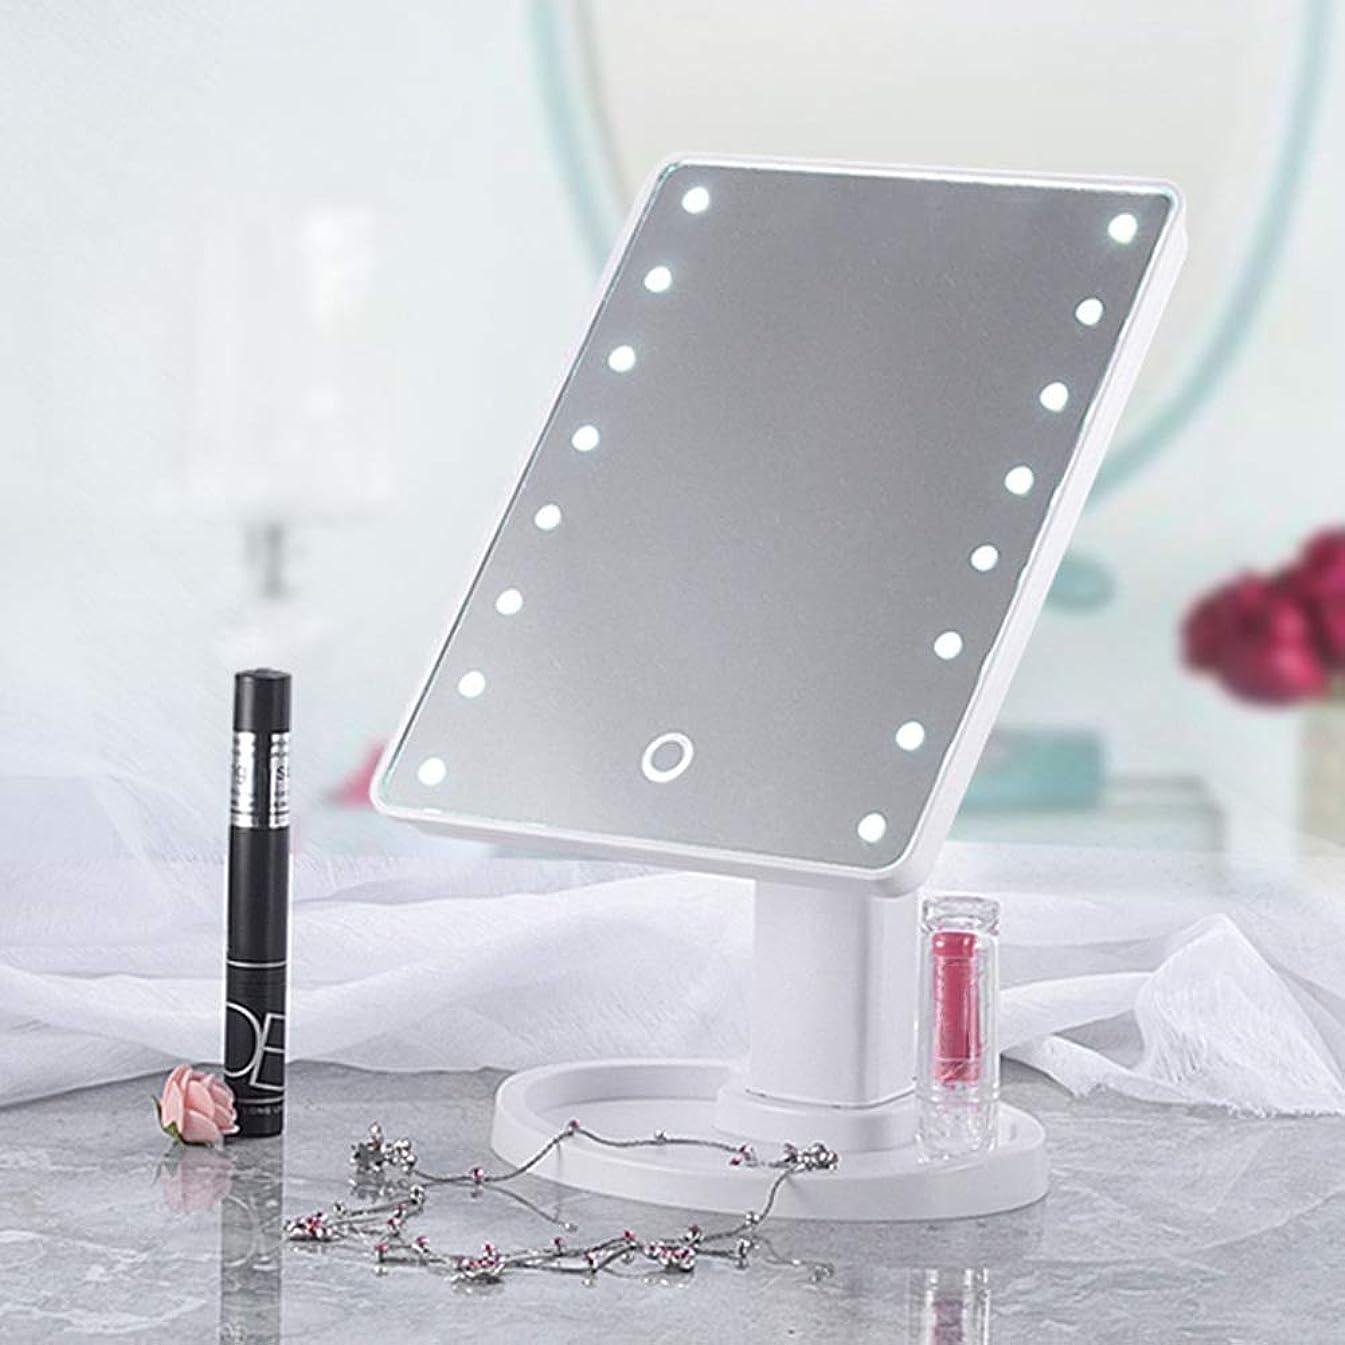 解決喉頭団結Plutoury 化粧鏡 鏡 卓上 LEDライト22灯 女優ミラー 化粧鏡 LEDライト付き 明るさ調節可 180°回転 電池交換可能(WT1-22)